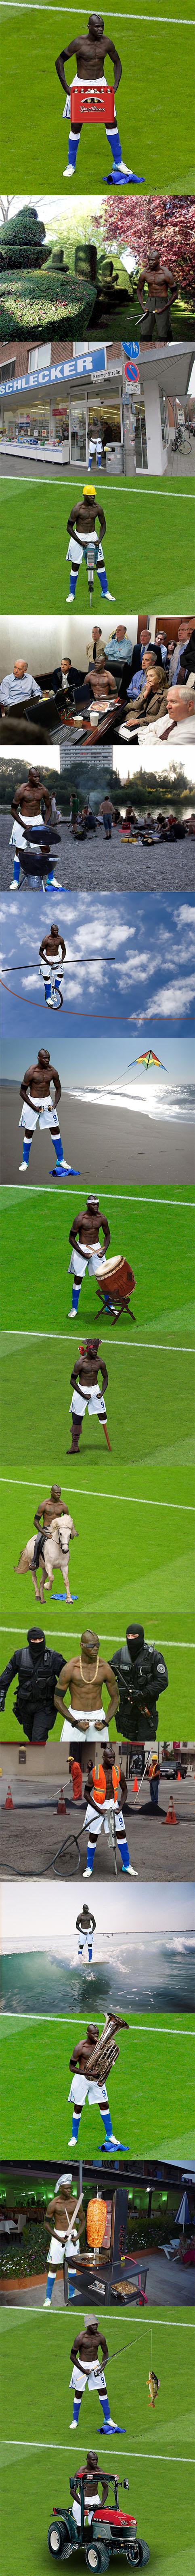 Eine Meme-Sammlung zur Bodybuilder-Pose von Mario Balotelli im Spiel Deutschland - Italien bei der EM 2012.